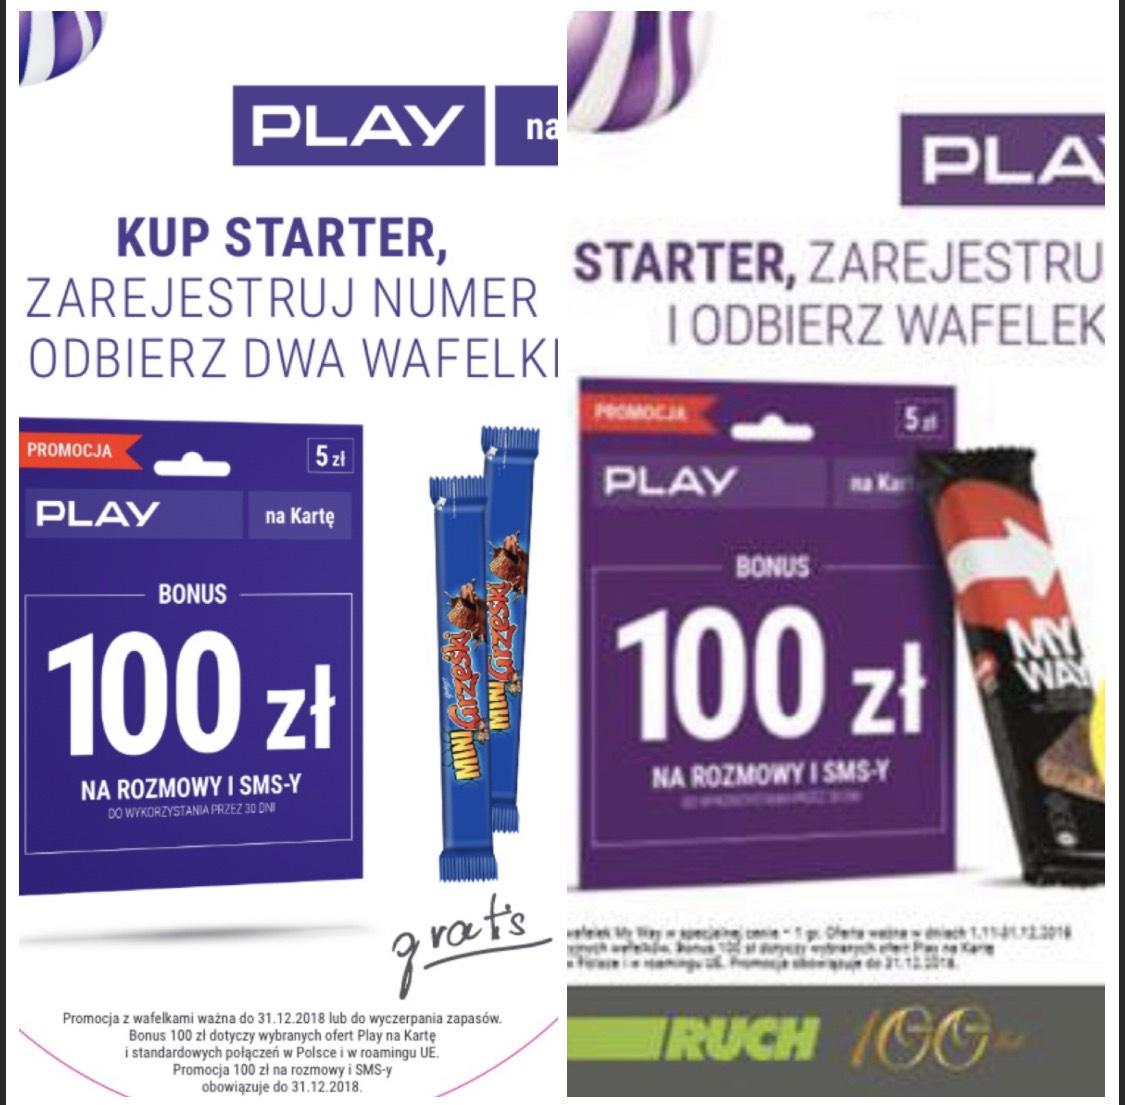 Kup starter Play 5zl na kartę i odbierz wafelek za 1gr+100 zł na połączenia i smsy